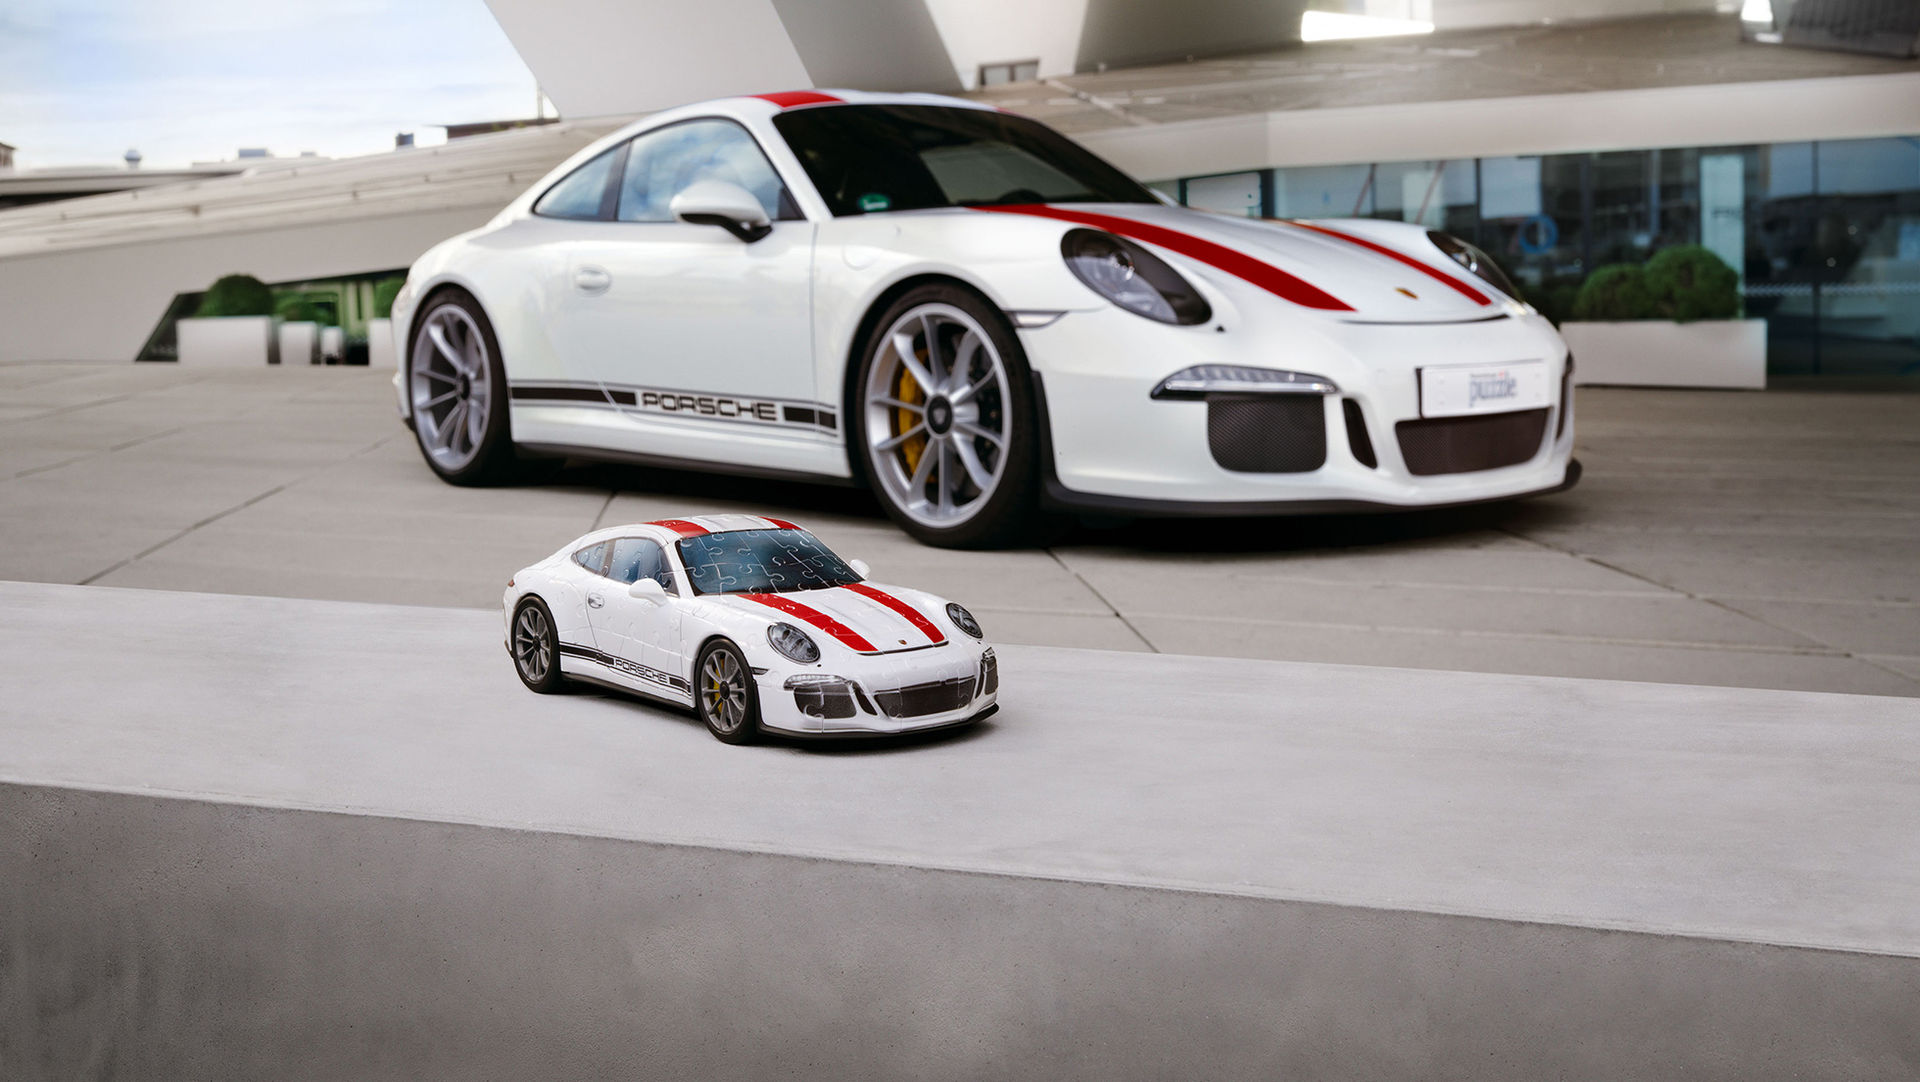 Nu kan du köpa en Porsche 911 R igen!